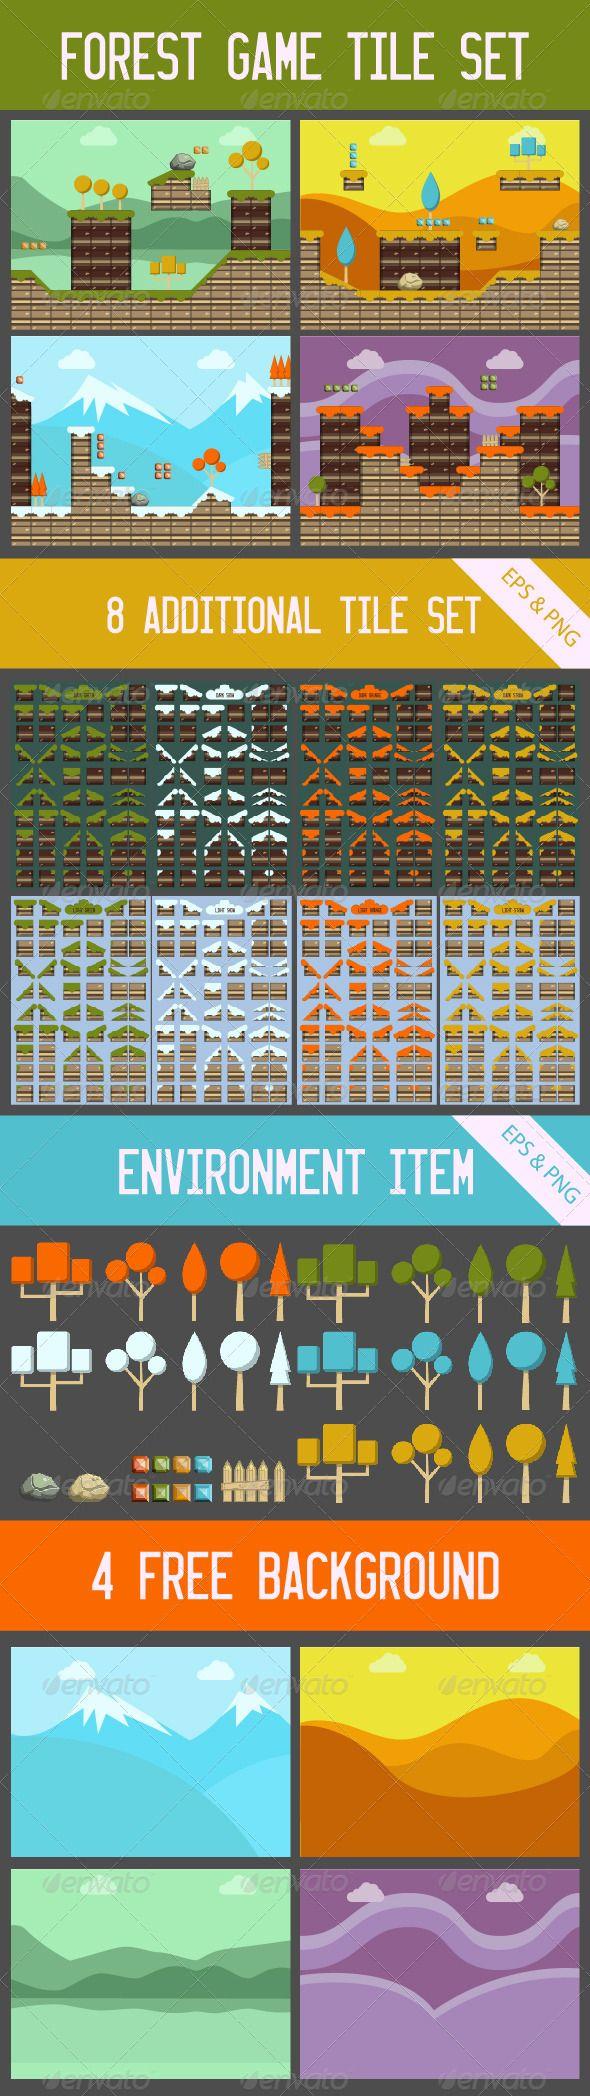 Forest Game Tile Set